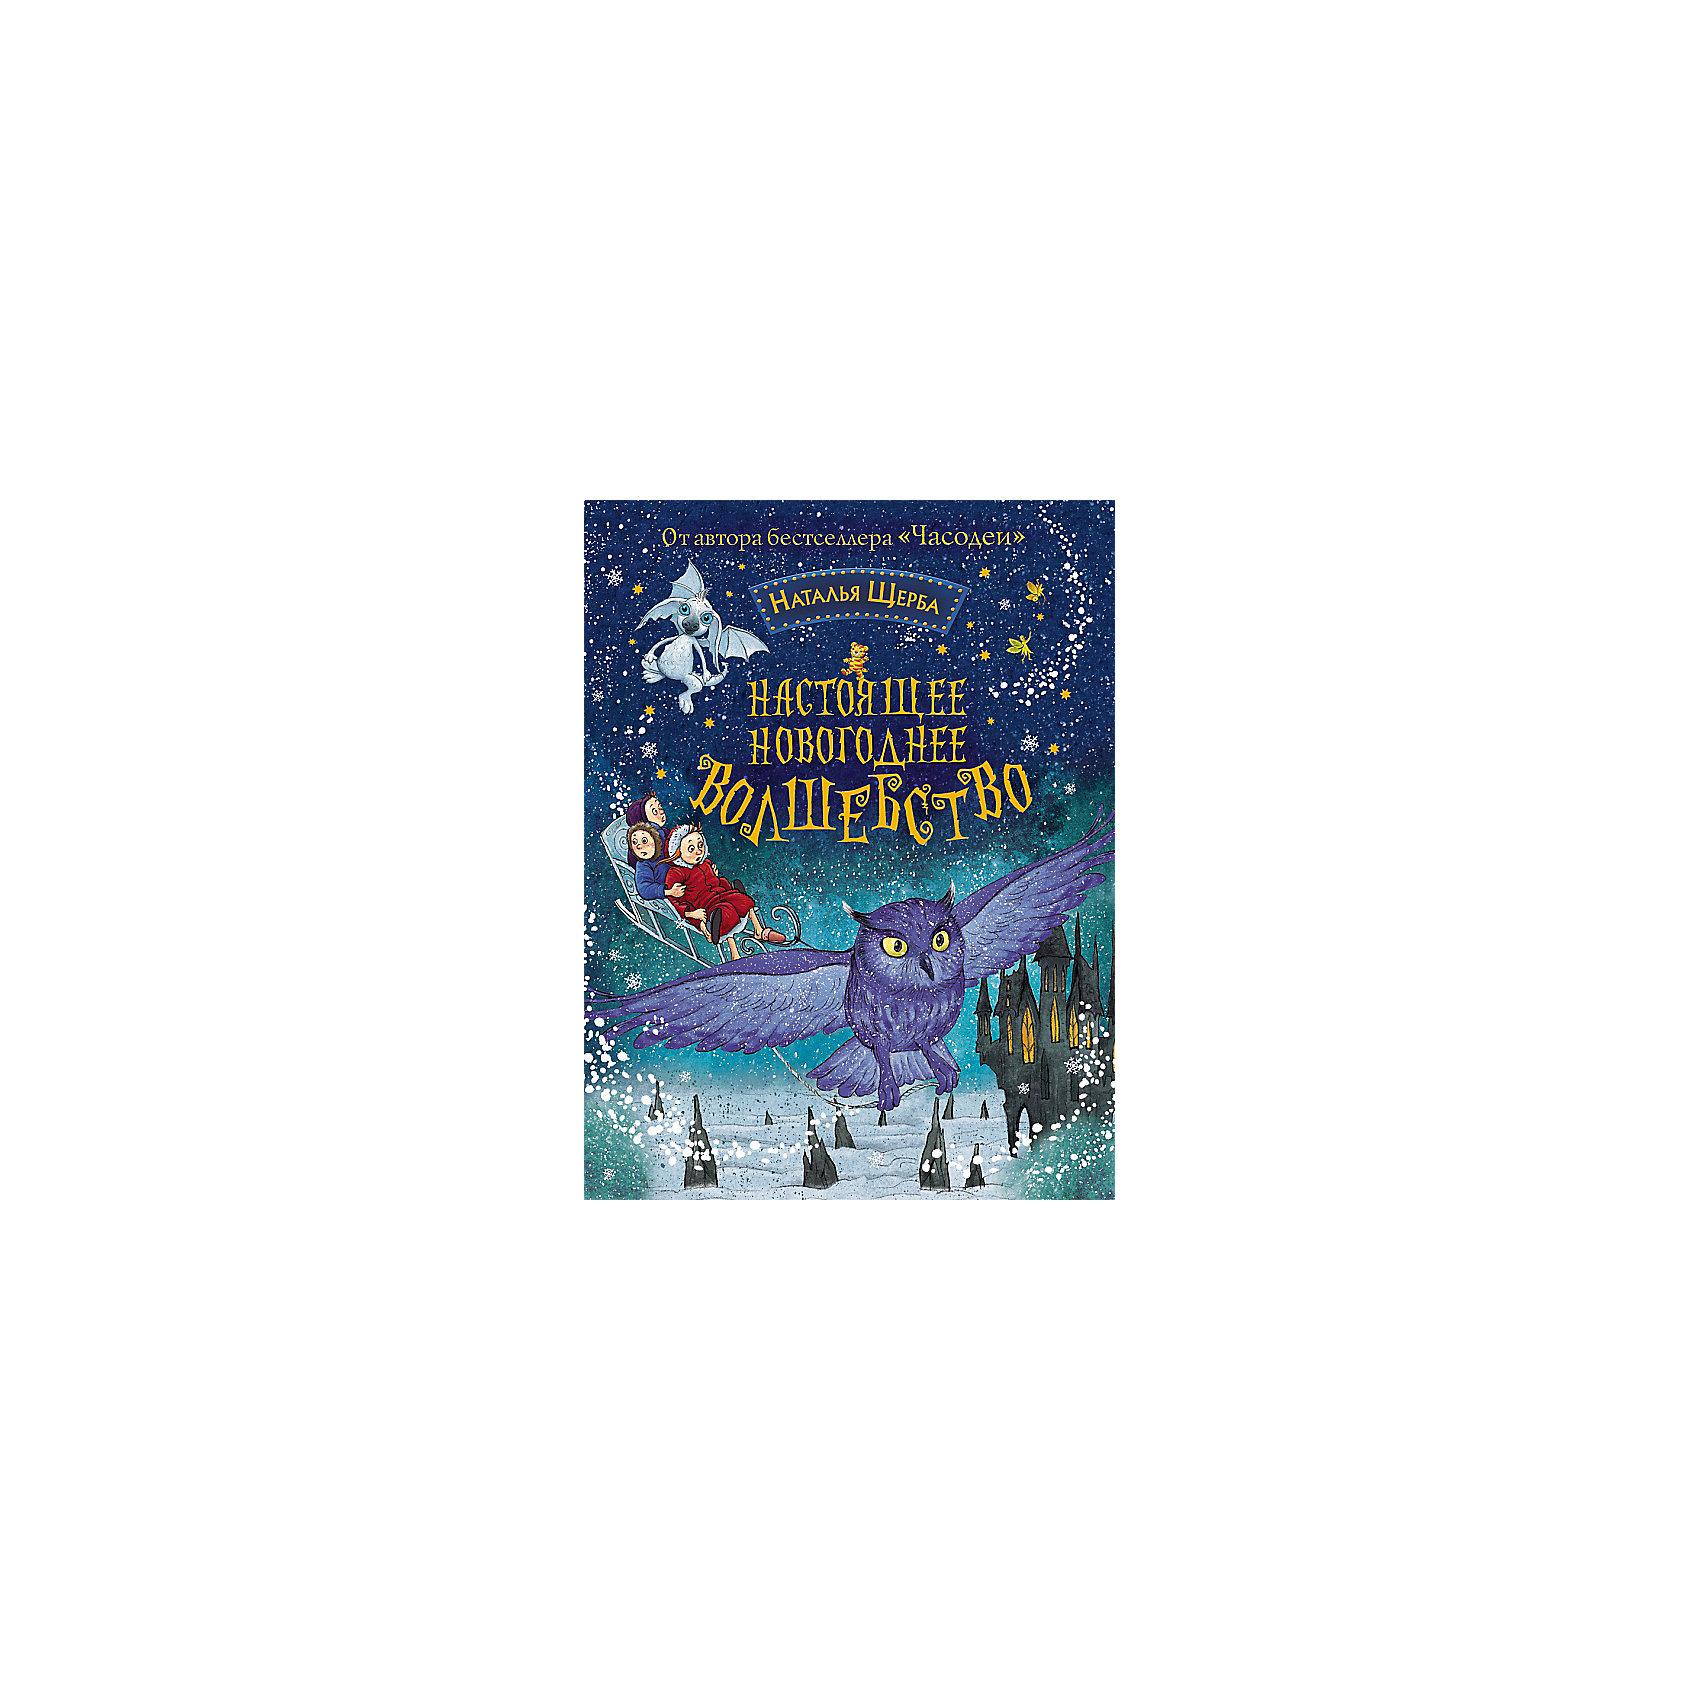 Сказки Настоящее новогоднее волшебство, Н. ЩербаПод Новый год все дети, да и взрослые тоже, ждут, что произойдет что-то волшебное и радостное! Вот и с героями этих сказок в новогоднюю ночь случается такое долгожданное и все равно неожиданное чудо.&#13; Сказки Натальи Щербы, полные добра и волшебства, будут самым желанным чтением в ожидании Нового года!&#13;<br><br>Дополнительная информация: <br><br>- Автор: Н. Щерба.<br>- Иллюстратор: О. Громова.<br>- Иллюстрации: цветные.<br>- Формат: 20,5х26  см.<br>- Переплет: твердый.<br>- Количество страниц: 48 <br><br>Сказки Настоящее новогоднее волшебство, Н. Щерба, можно купить в нашем магазине.<br><br>Ширина мм: 265<br>Глубина мм: 205<br>Высота мм: 5<br>Вес г: 340<br>Возраст от месяцев: 36<br>Возраст до месяцев: 84<br>Пол: Унисекс<br>Возраст: Детский<br>SKU: 4323875